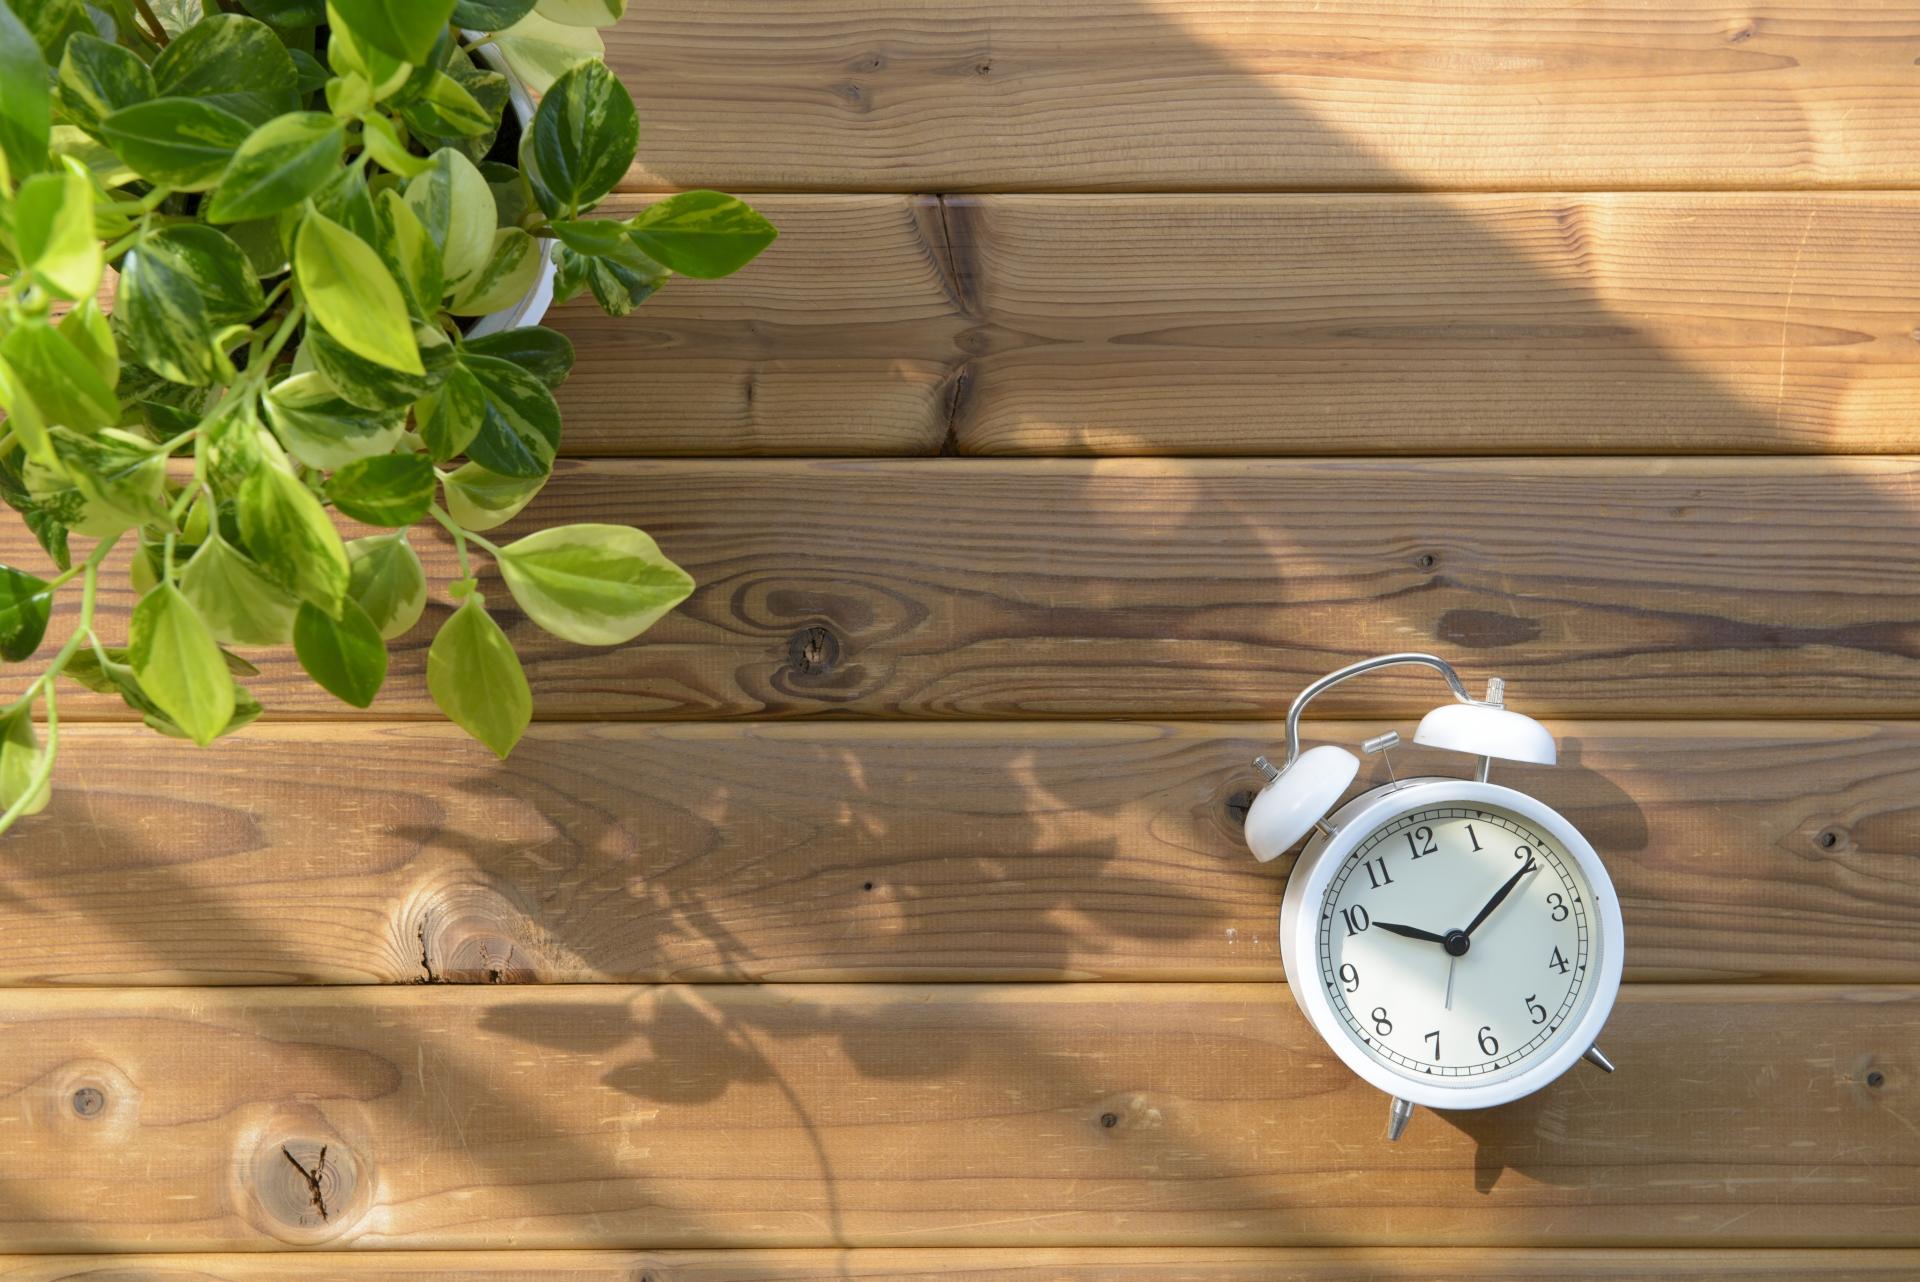 ダイエットのための運動は時間帯が重要です